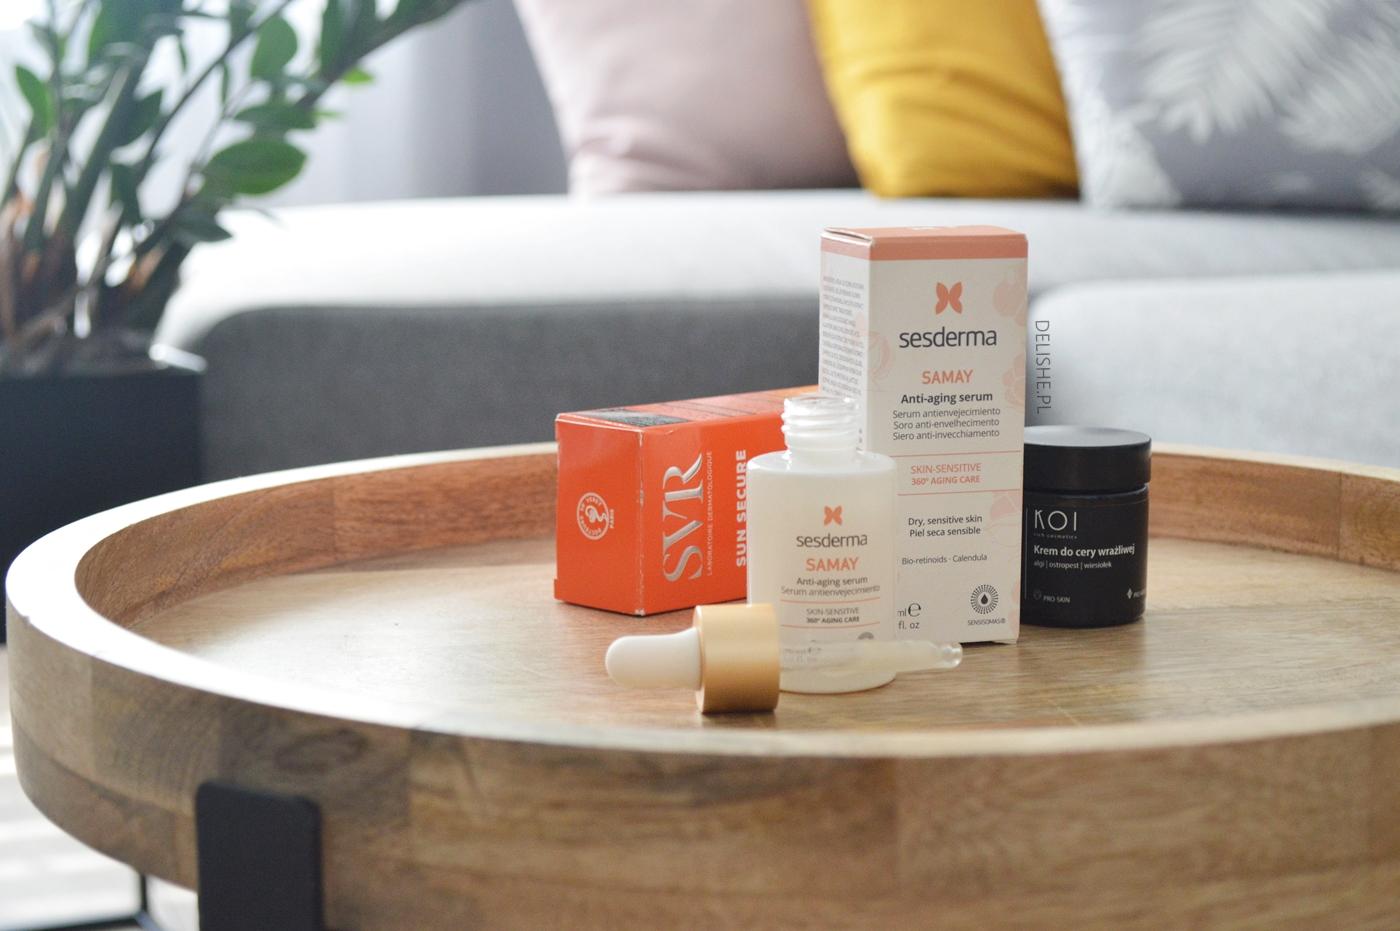 nowości w pielęgnacji twarzy, SVR Blur, KOI COsmetics, Sesderma